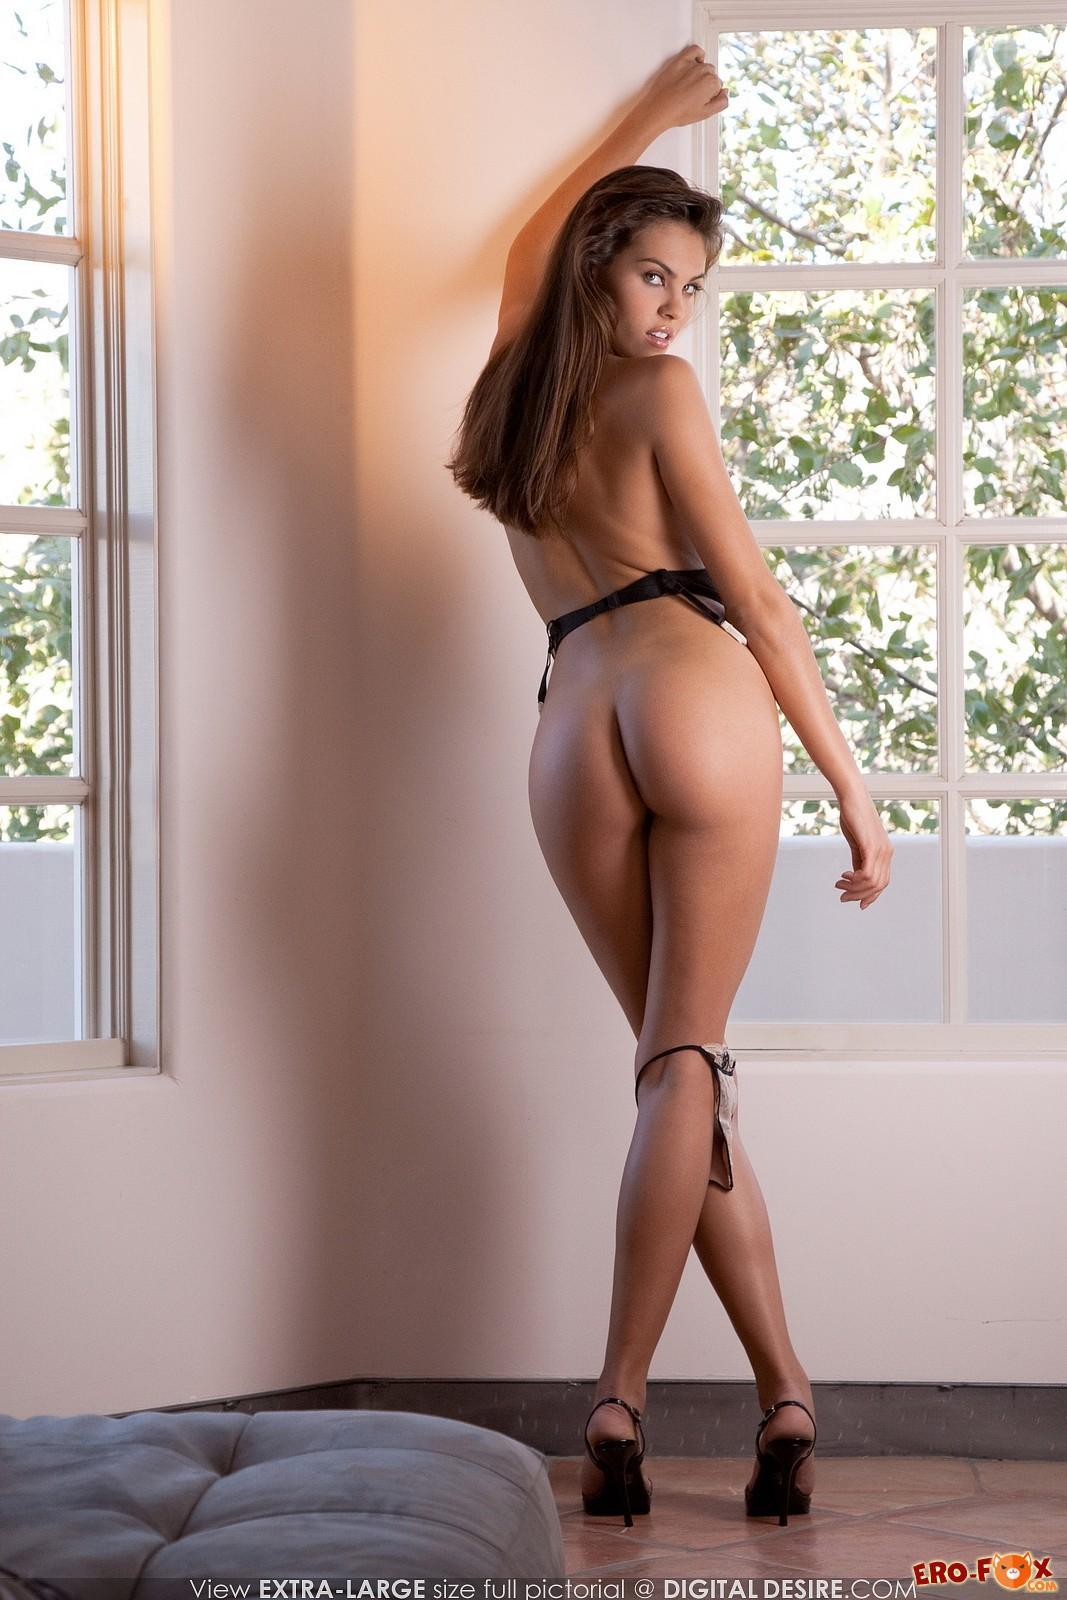 Девушка эротично позирует в нижнем белье и туфлях - фото